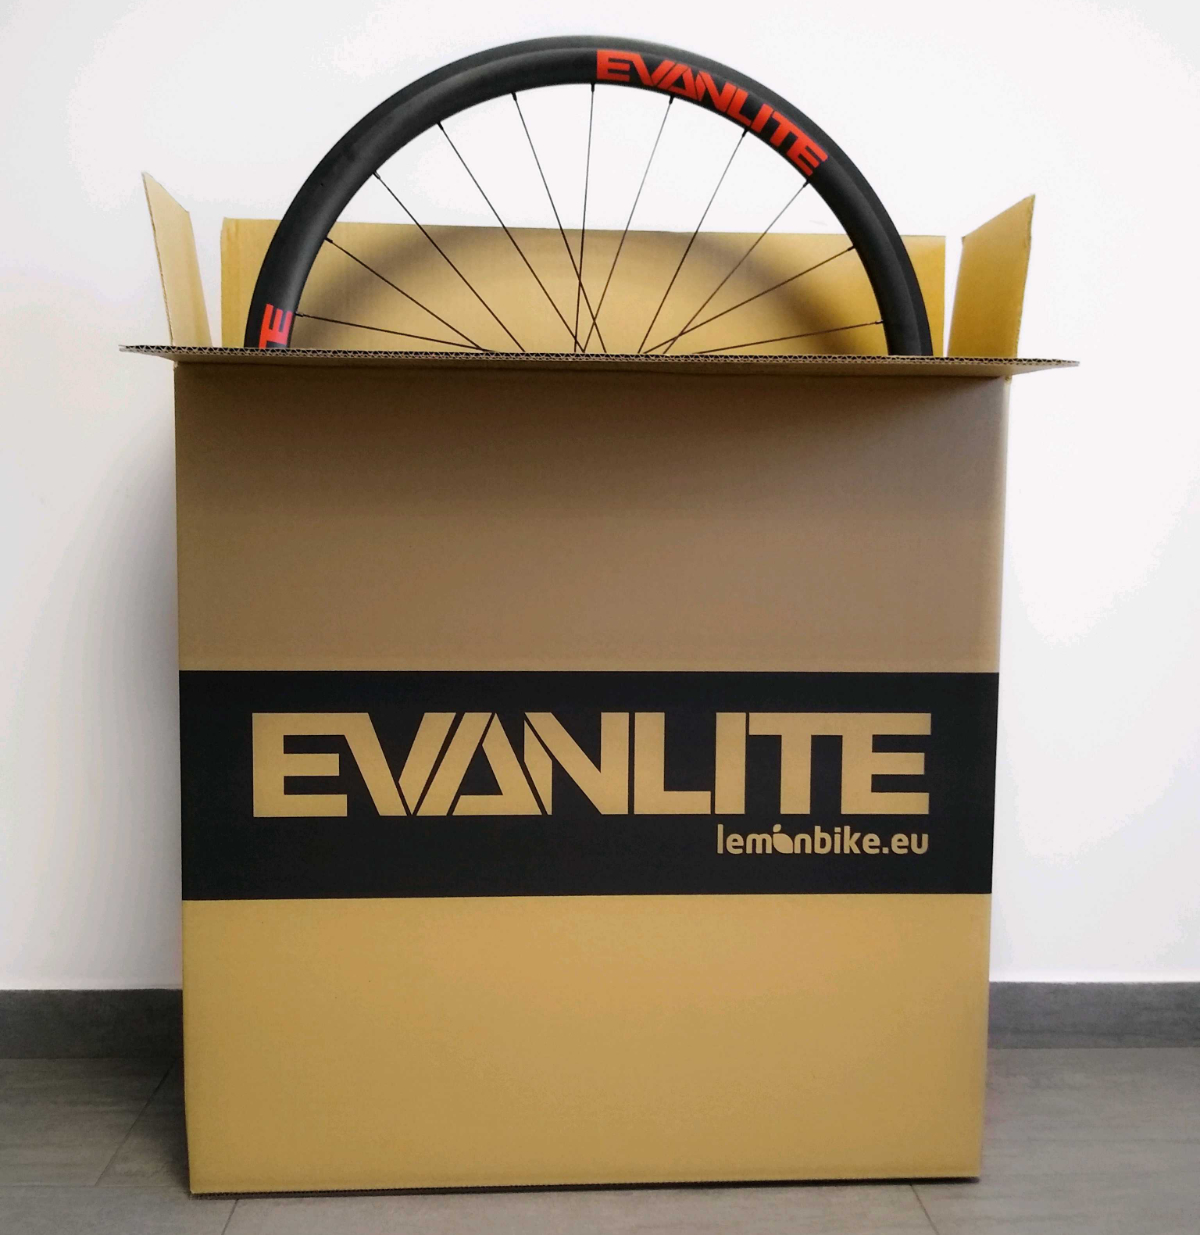 Opakowanie z tektury na koła rowerowe Evanlite